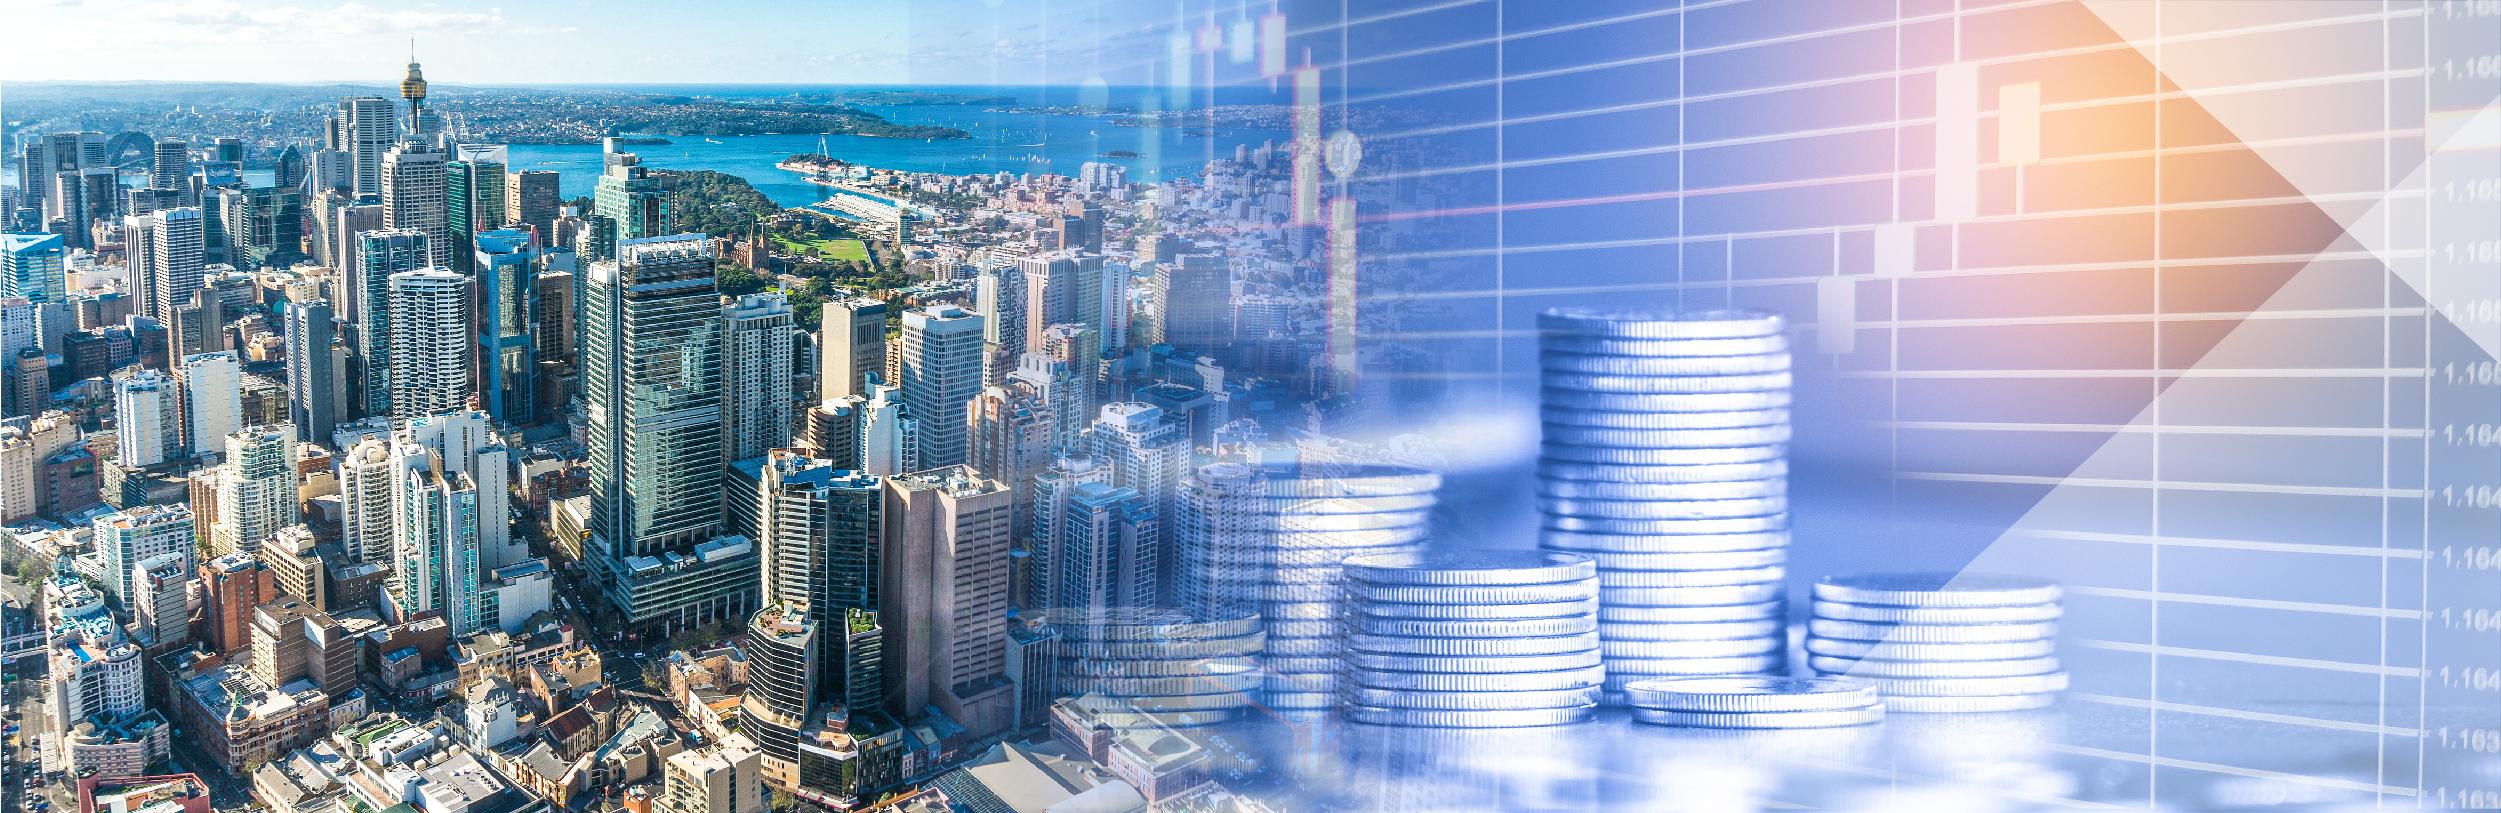 Kênh đầu tư nào vừa dự trữ ngoại tệ an toàn mà vẫn có lợi nhuận cao, thanh khoản nhanh (banner)